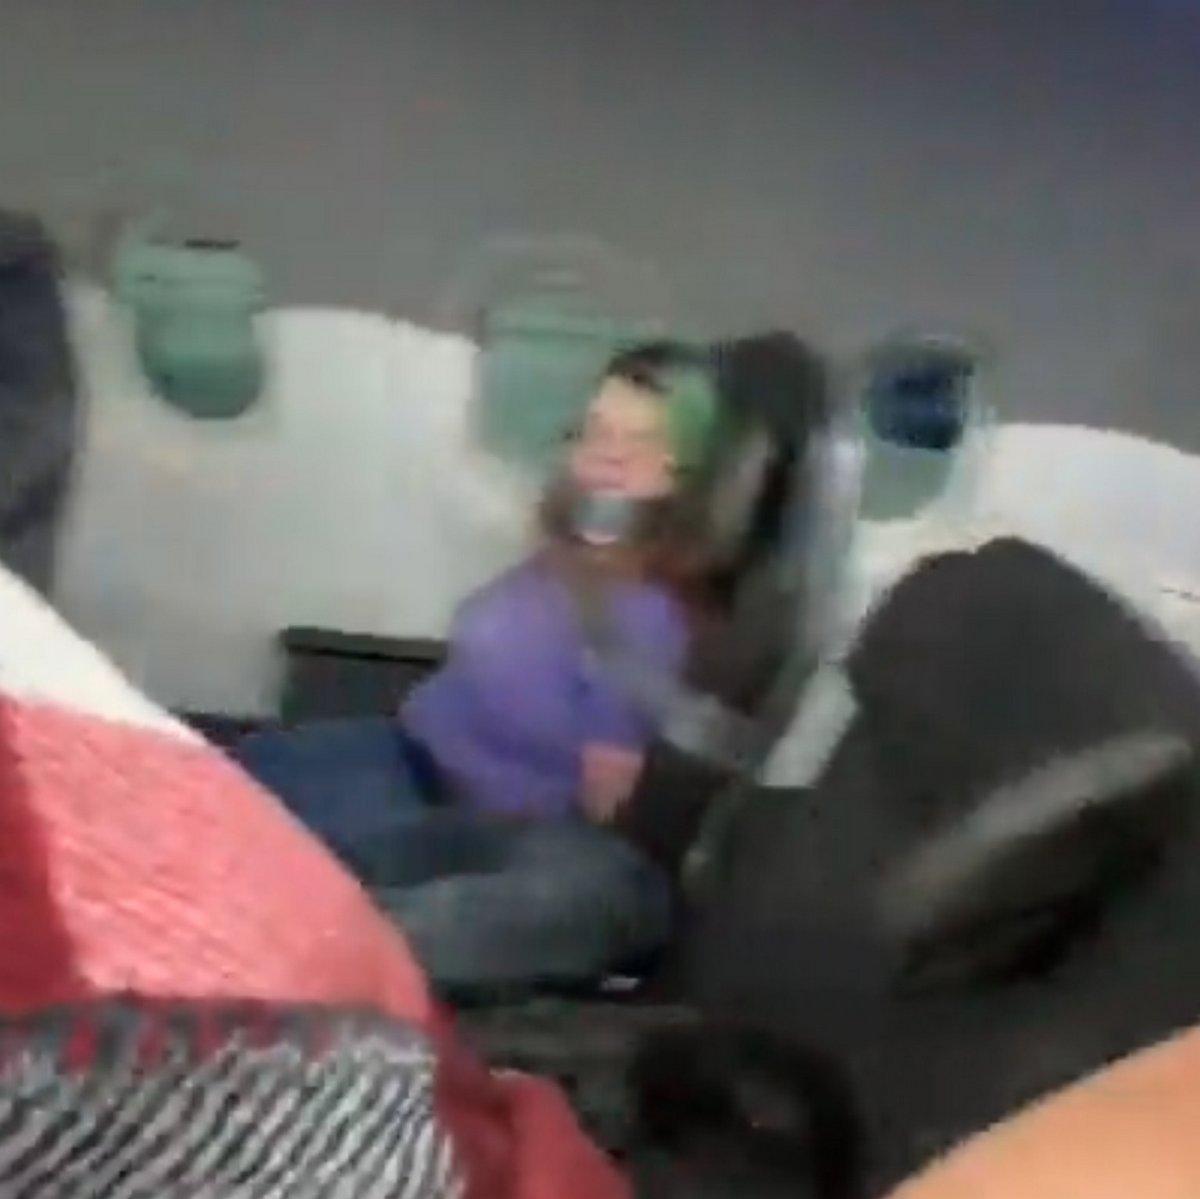 Une femme est scotchée à son siège après avoir tenté d'ouvrir une porte en plein vol